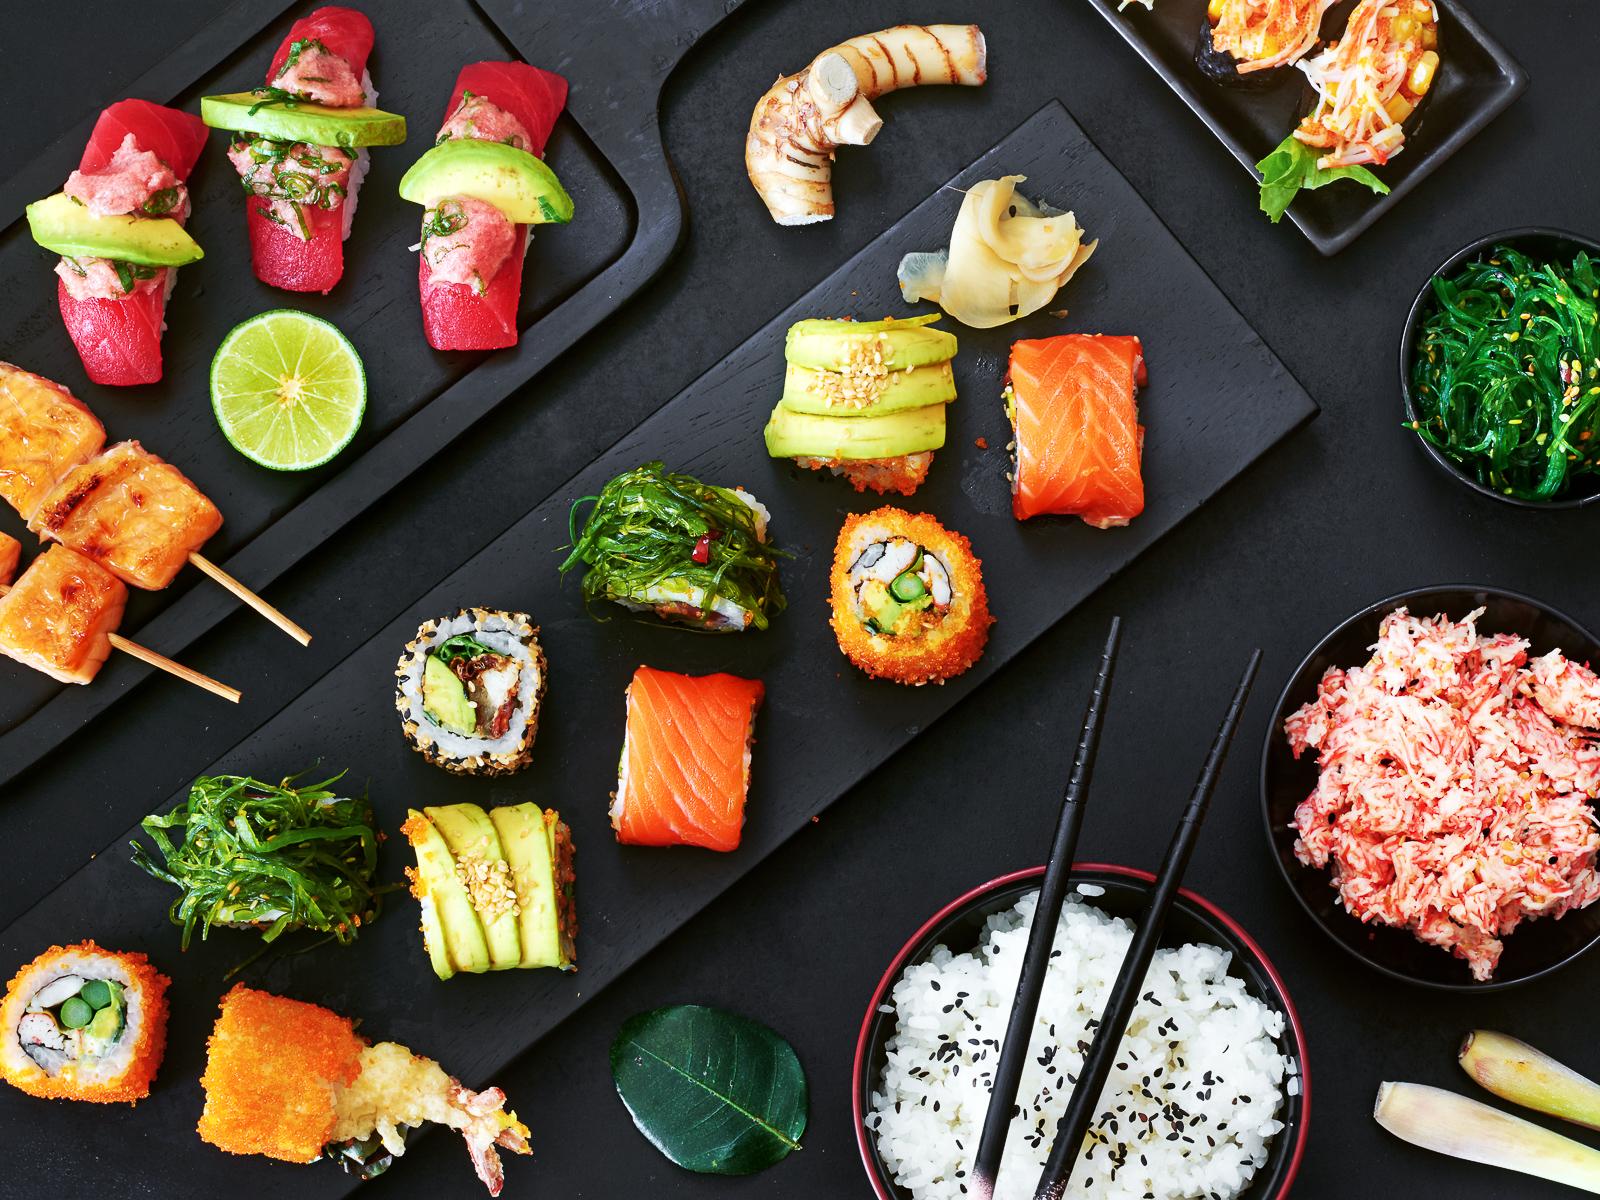 My sushi